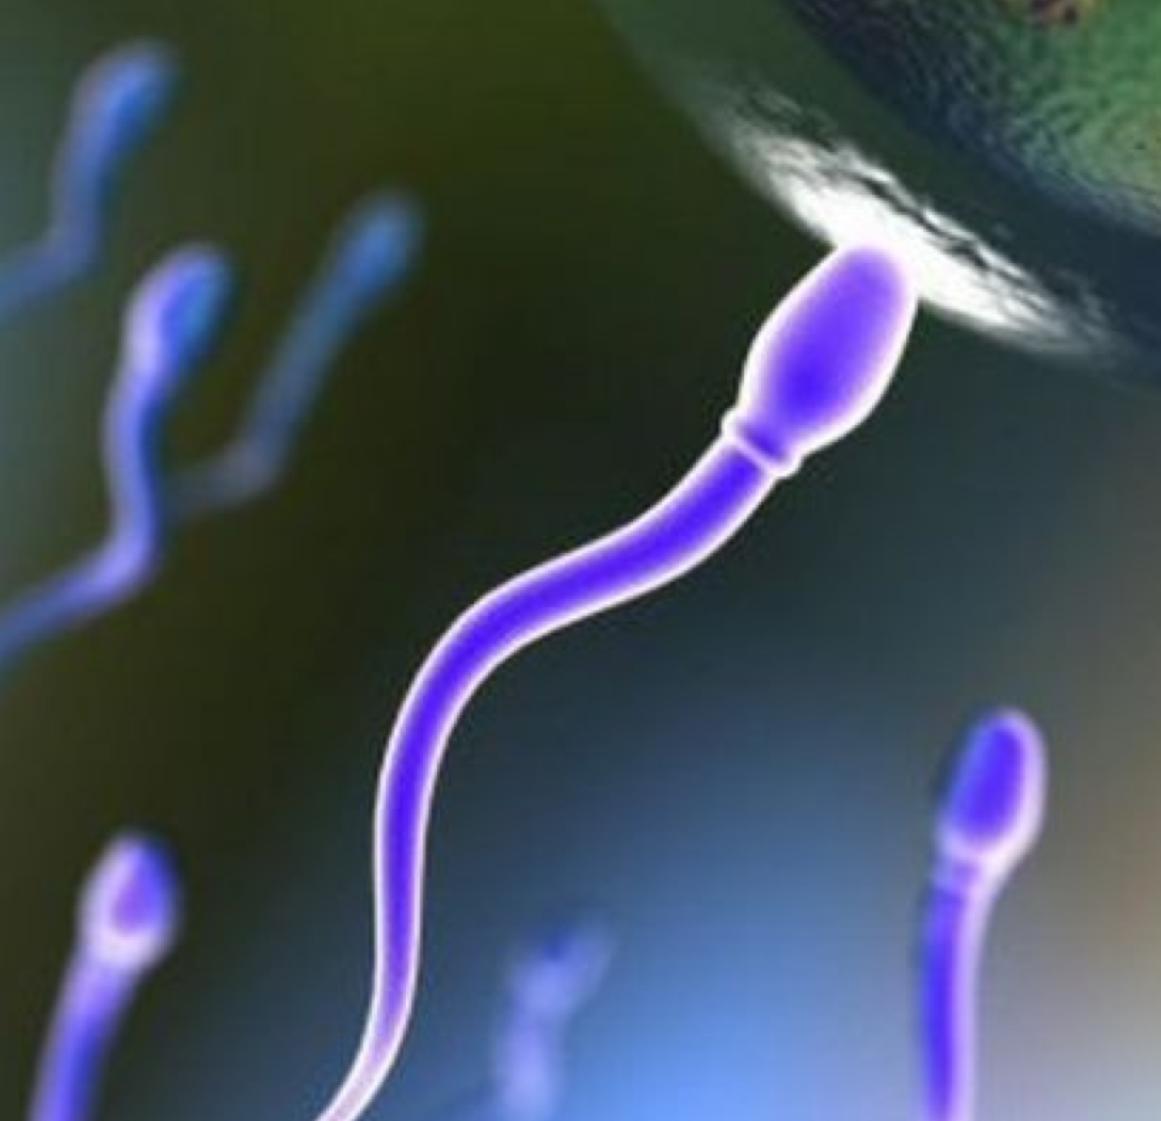 pochemu-sperma-zheltovatogo-tsveta